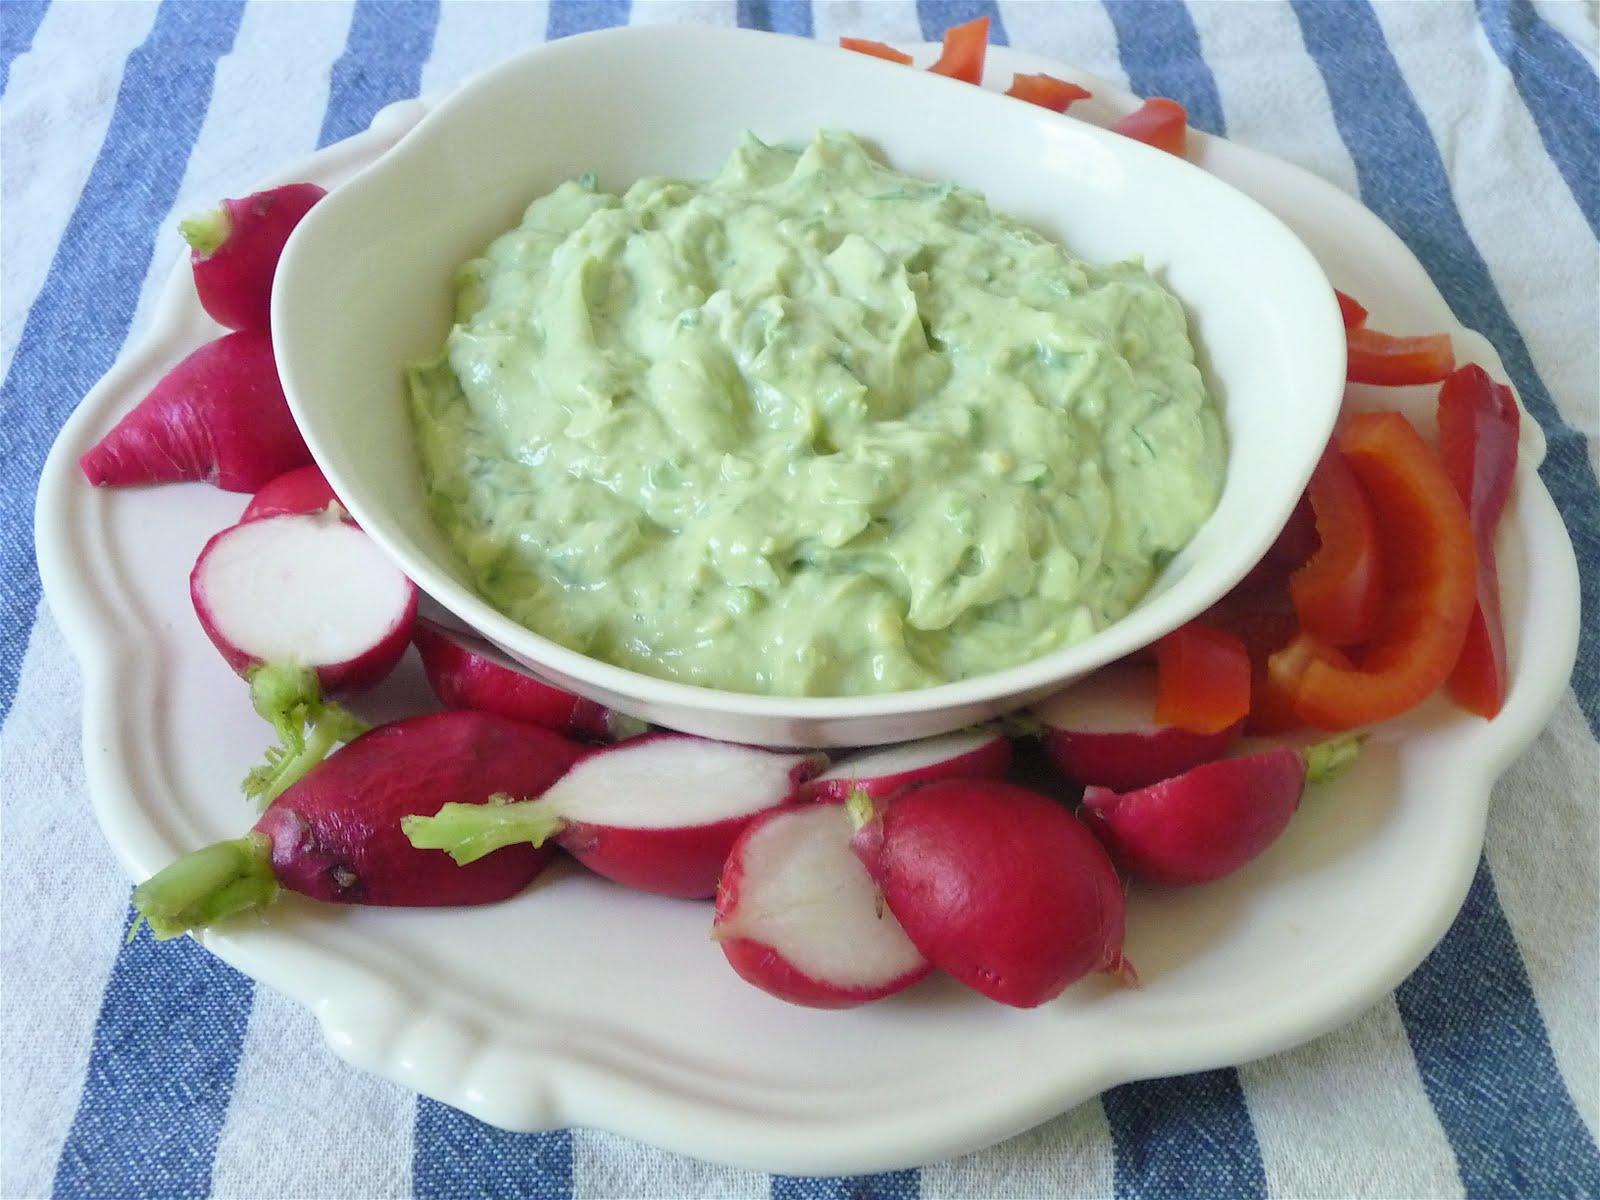 dinner party: avocado-yogurt dip